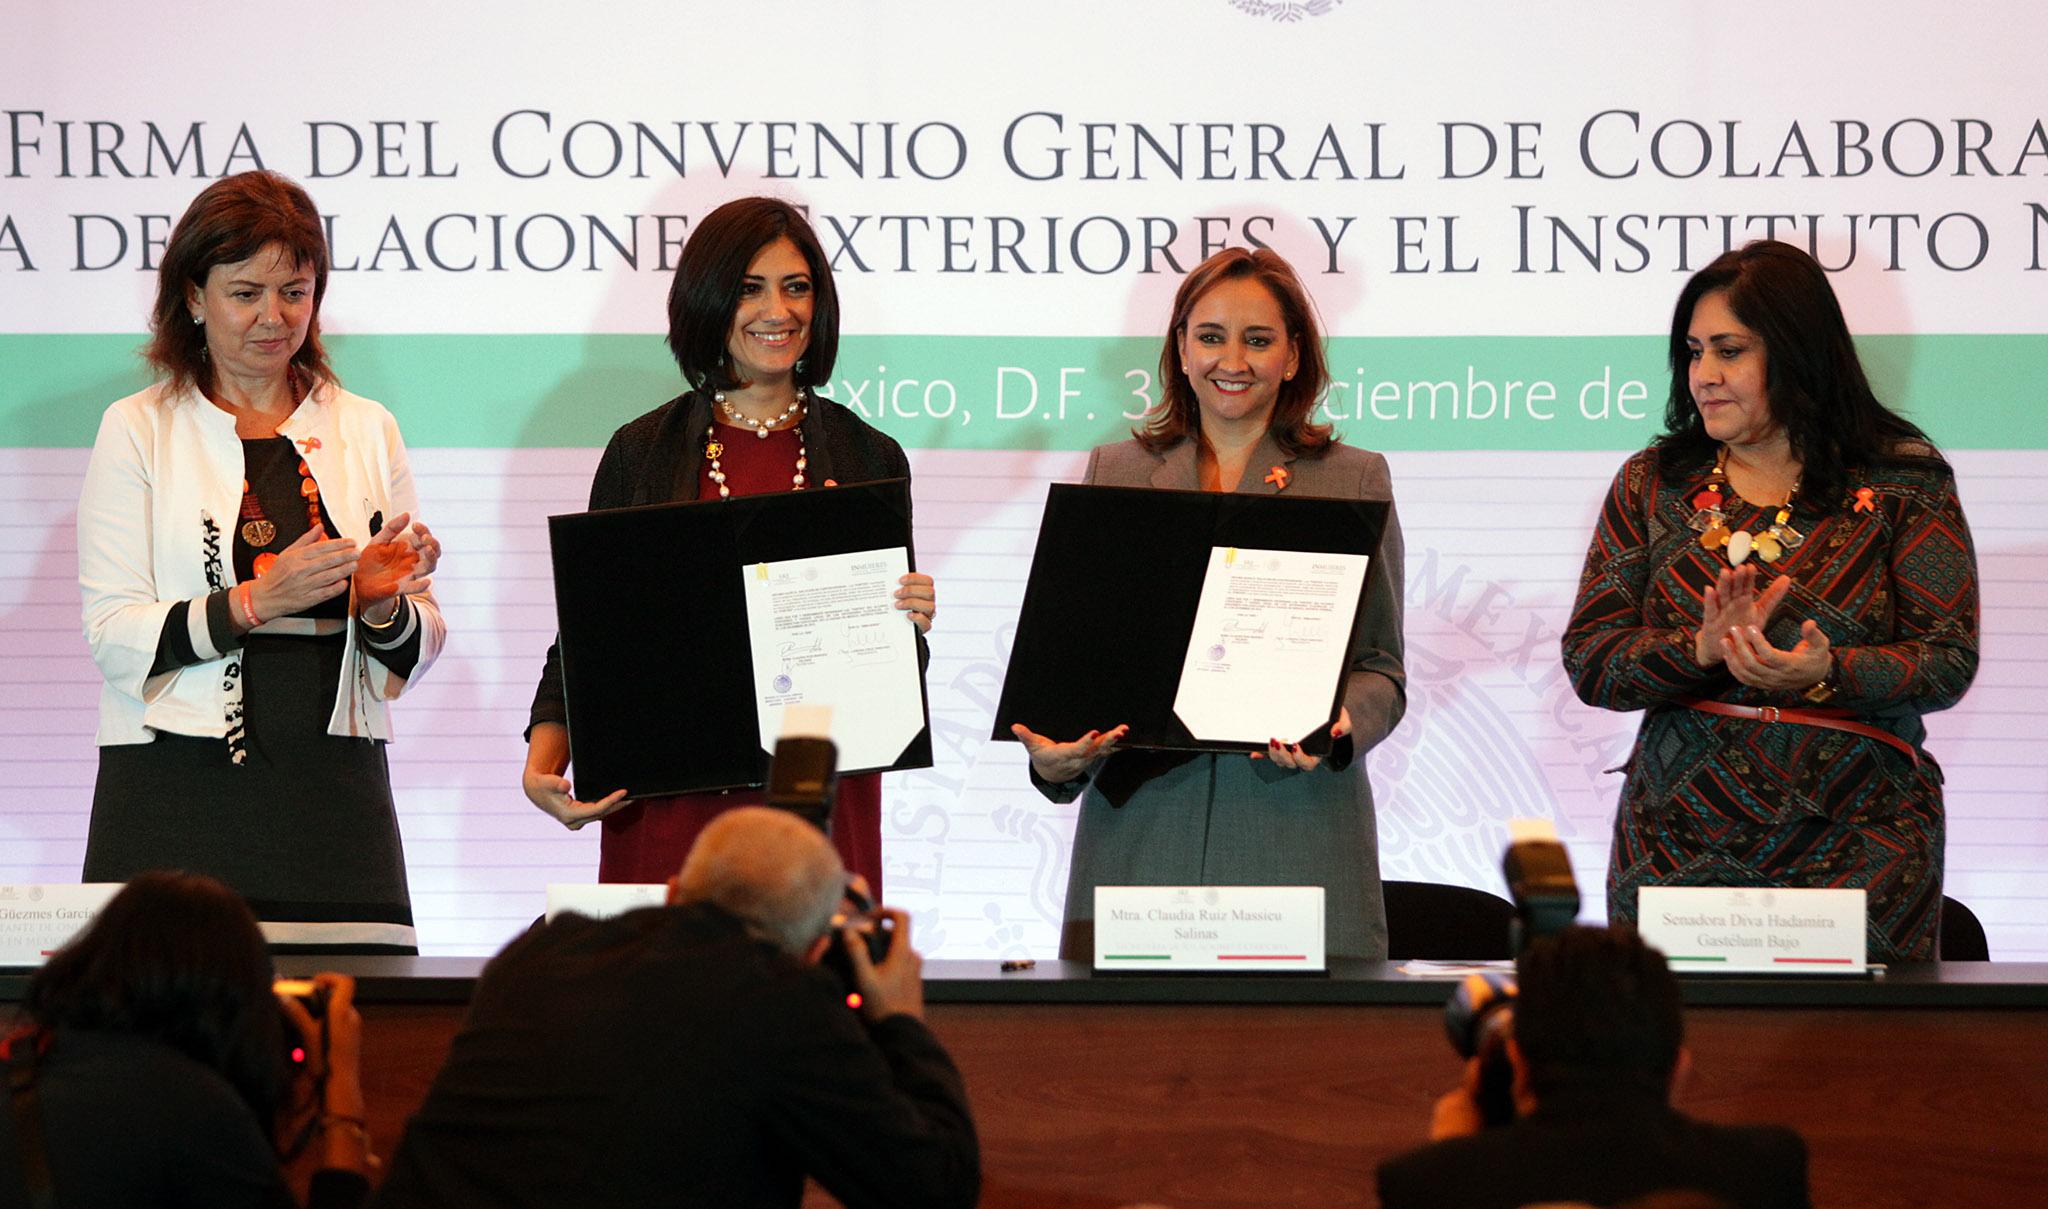 FOTO 1 Canciller Claudia Ruiz Massieu y Lorena Cruz S nchez  Presidenta del INMUJERESjpg